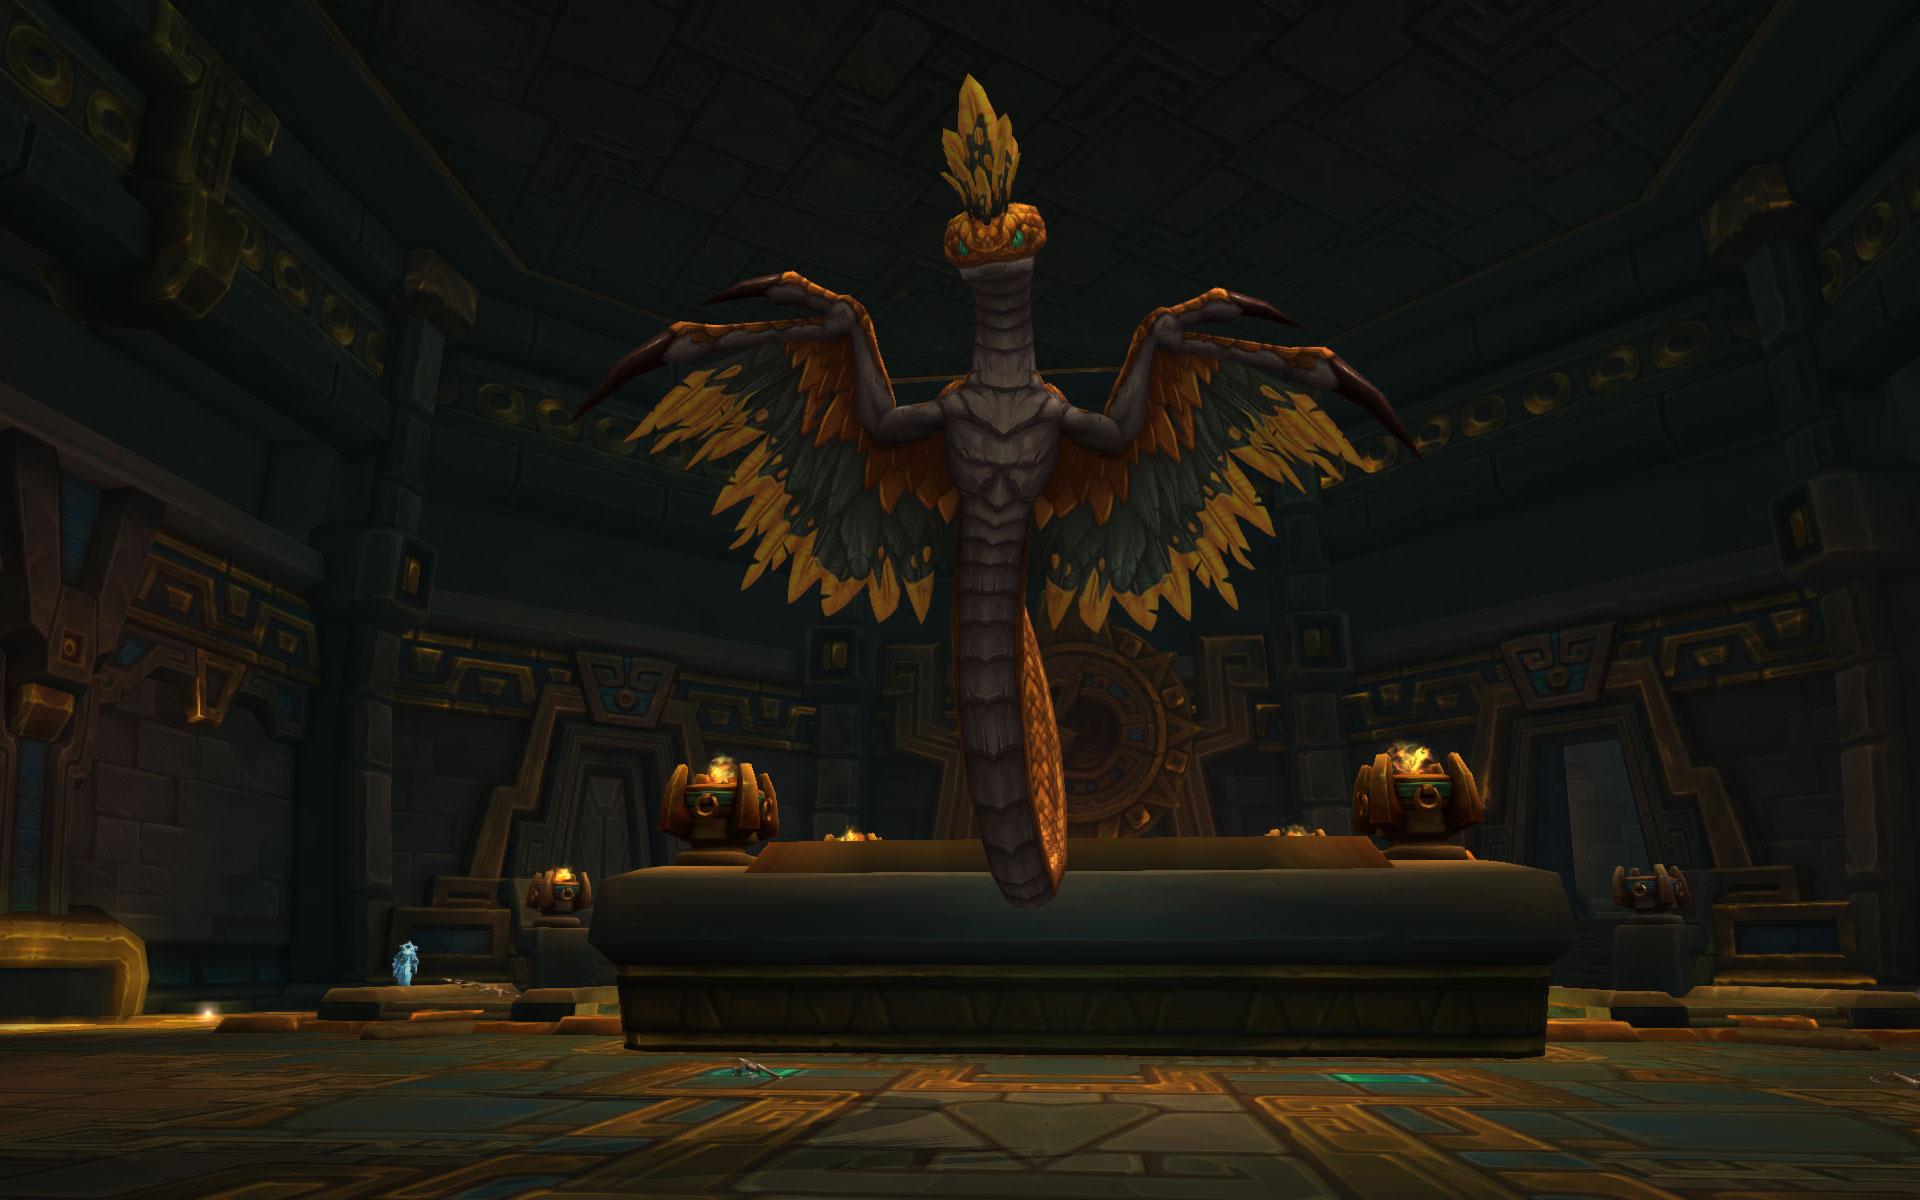 Le serpent doré veille sur les salles du Repos des rois